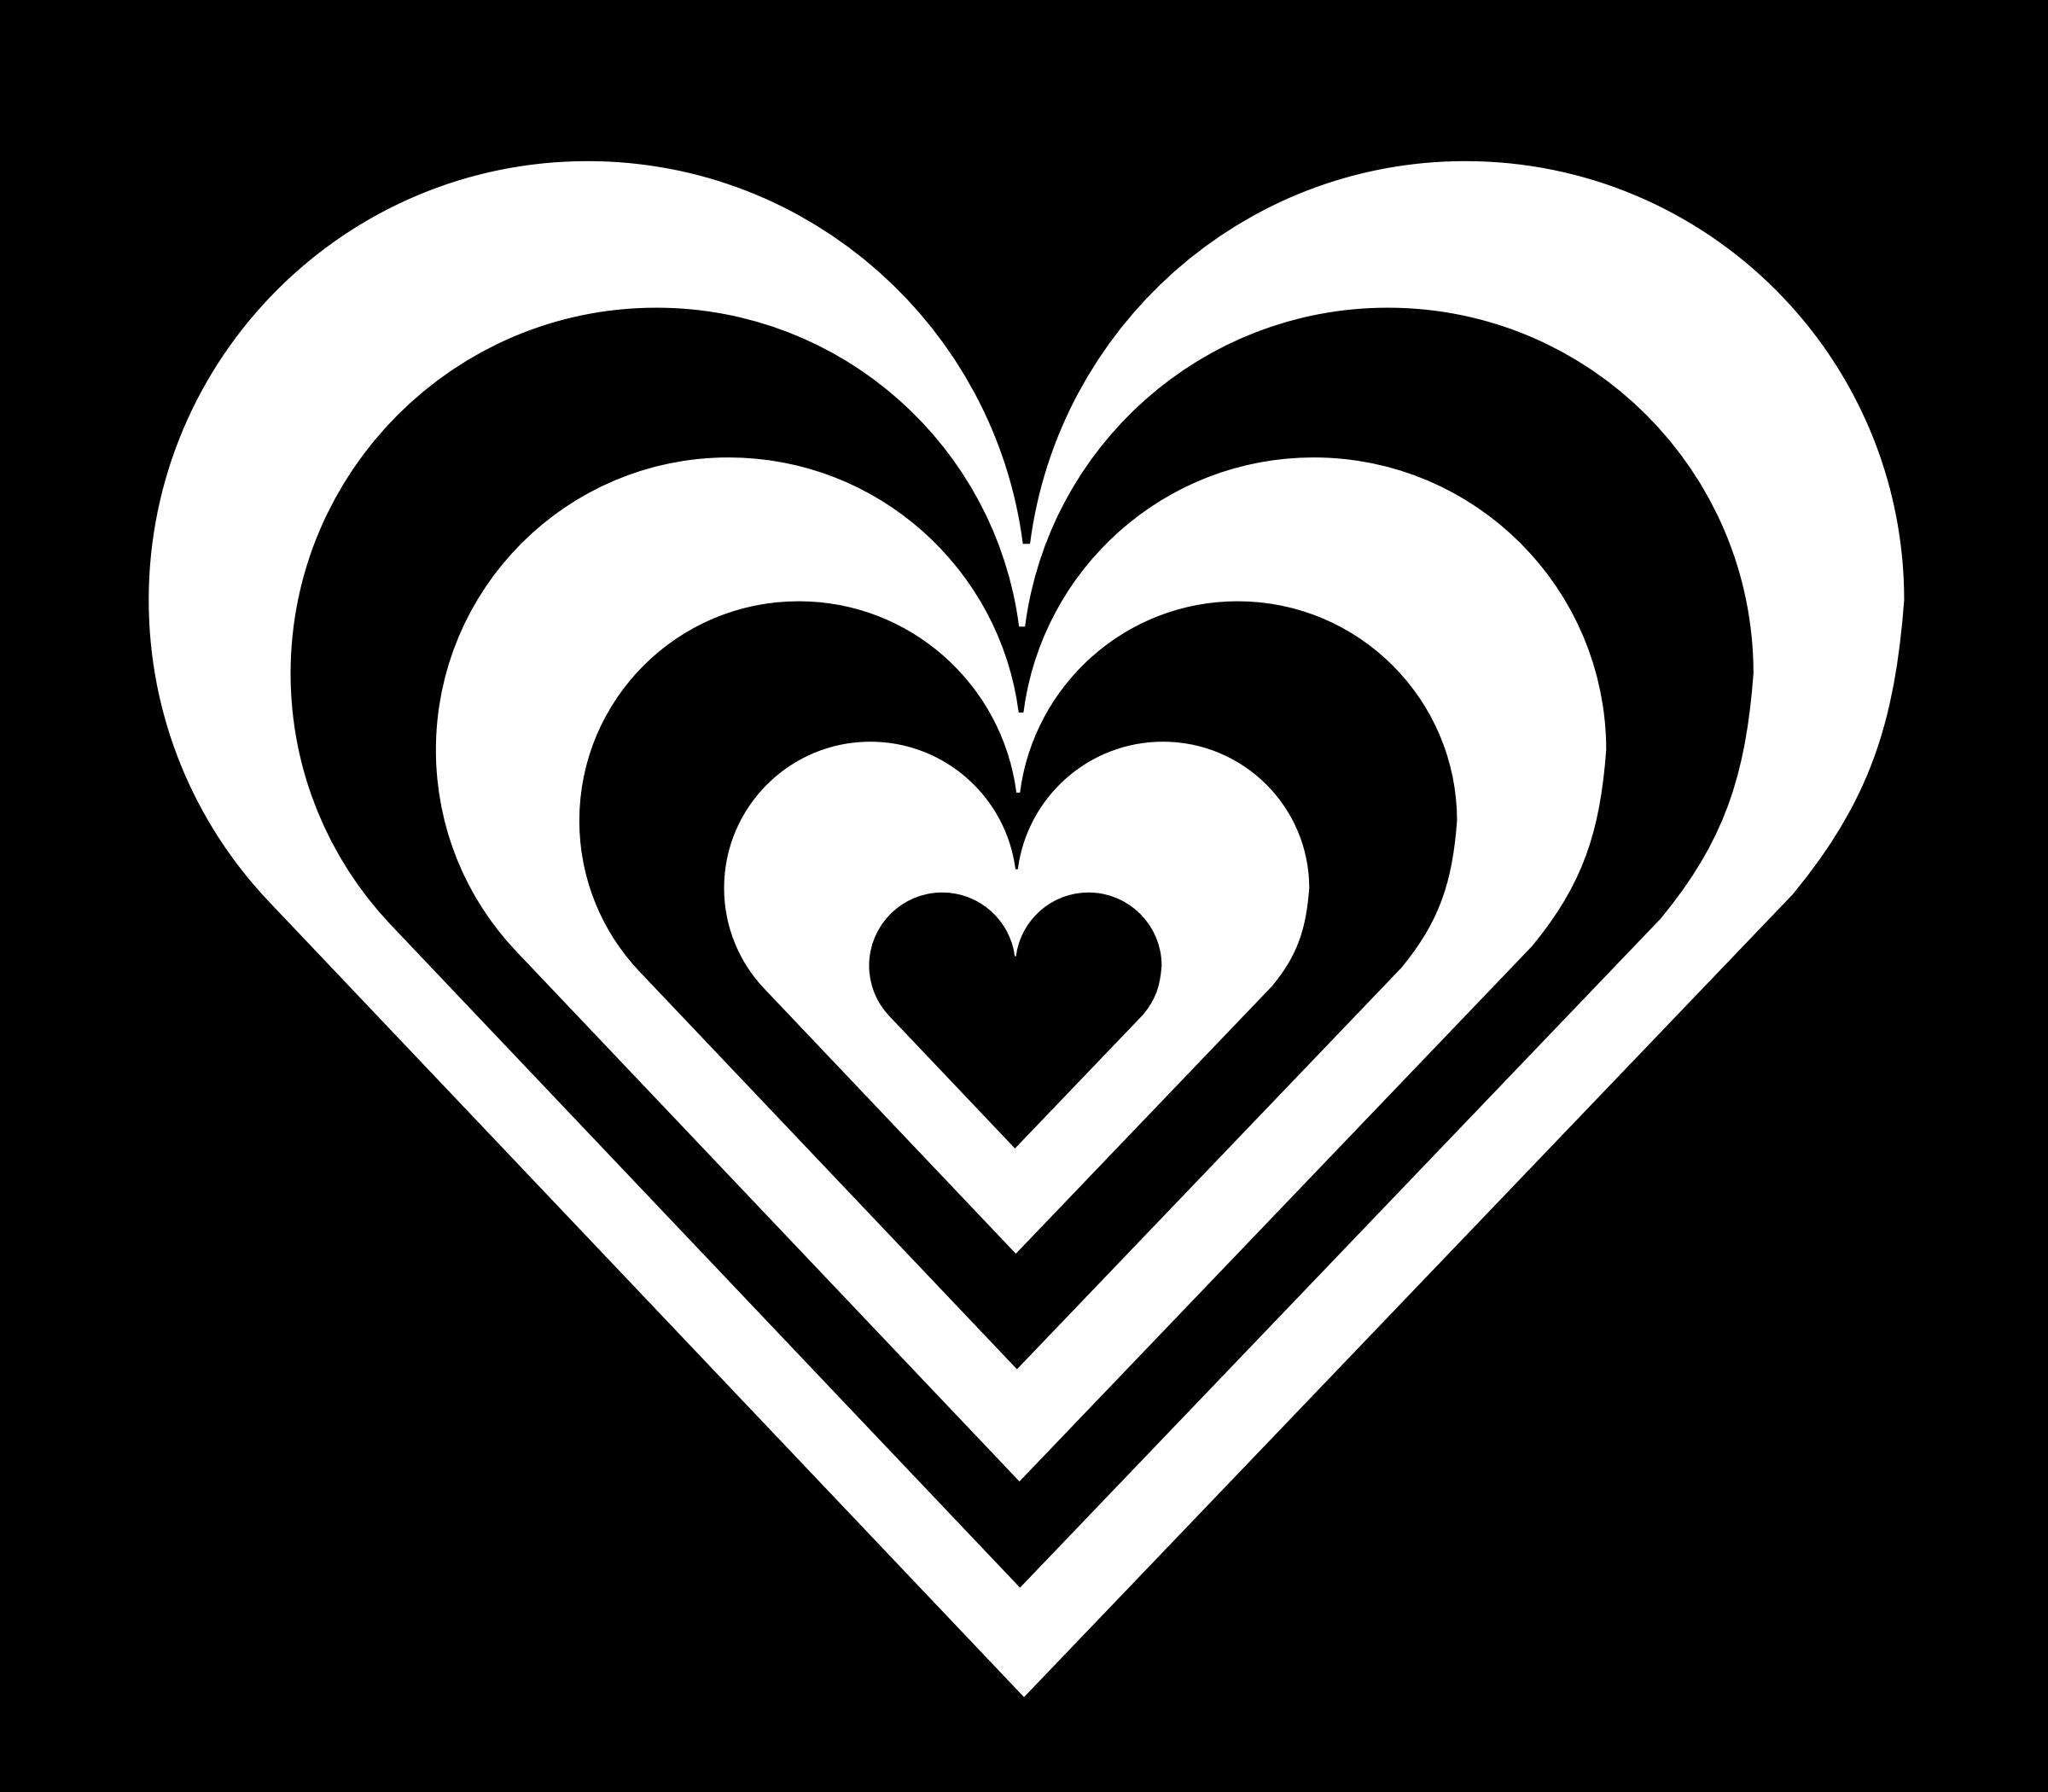 zebra heart by 10binary.